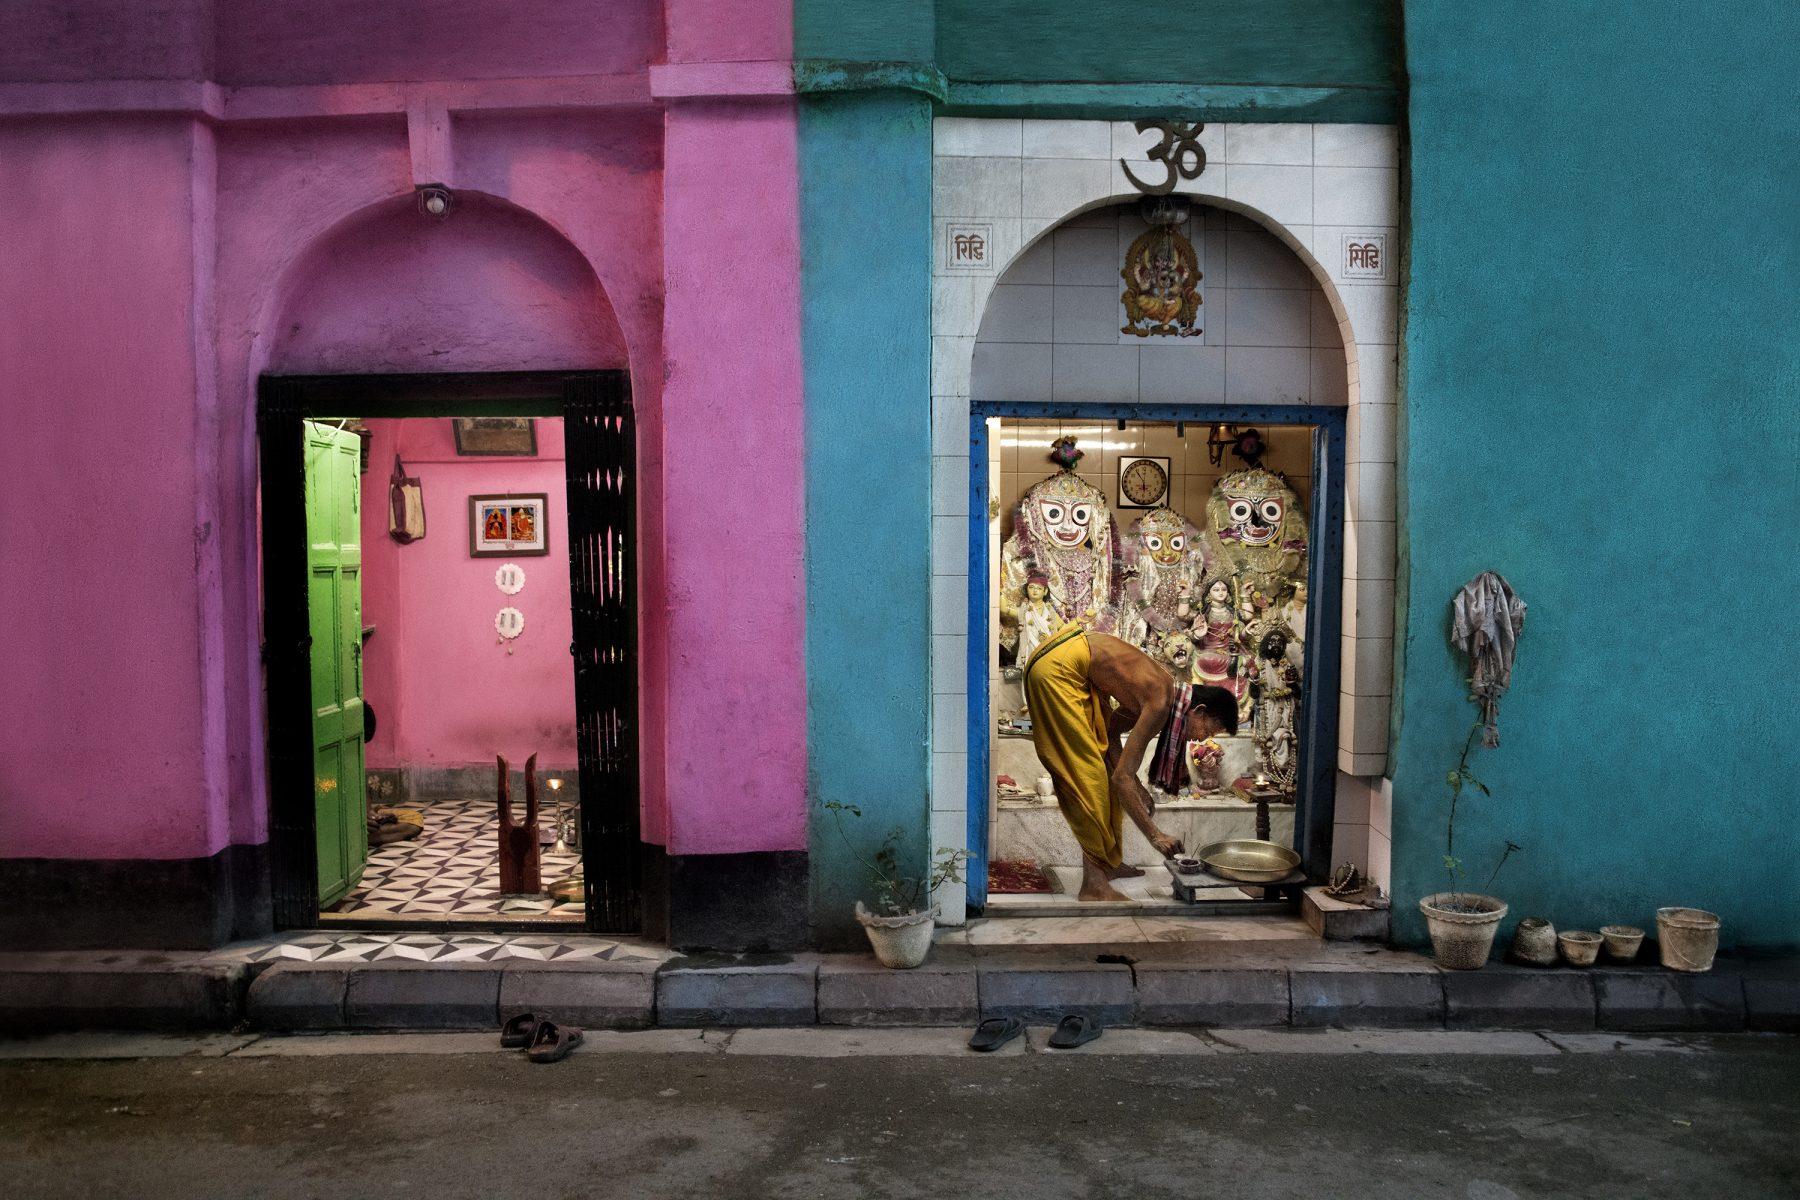 Photographie couleur par Steve McCurry, Inde, maisons colorées, homme se baignant, Kolkata